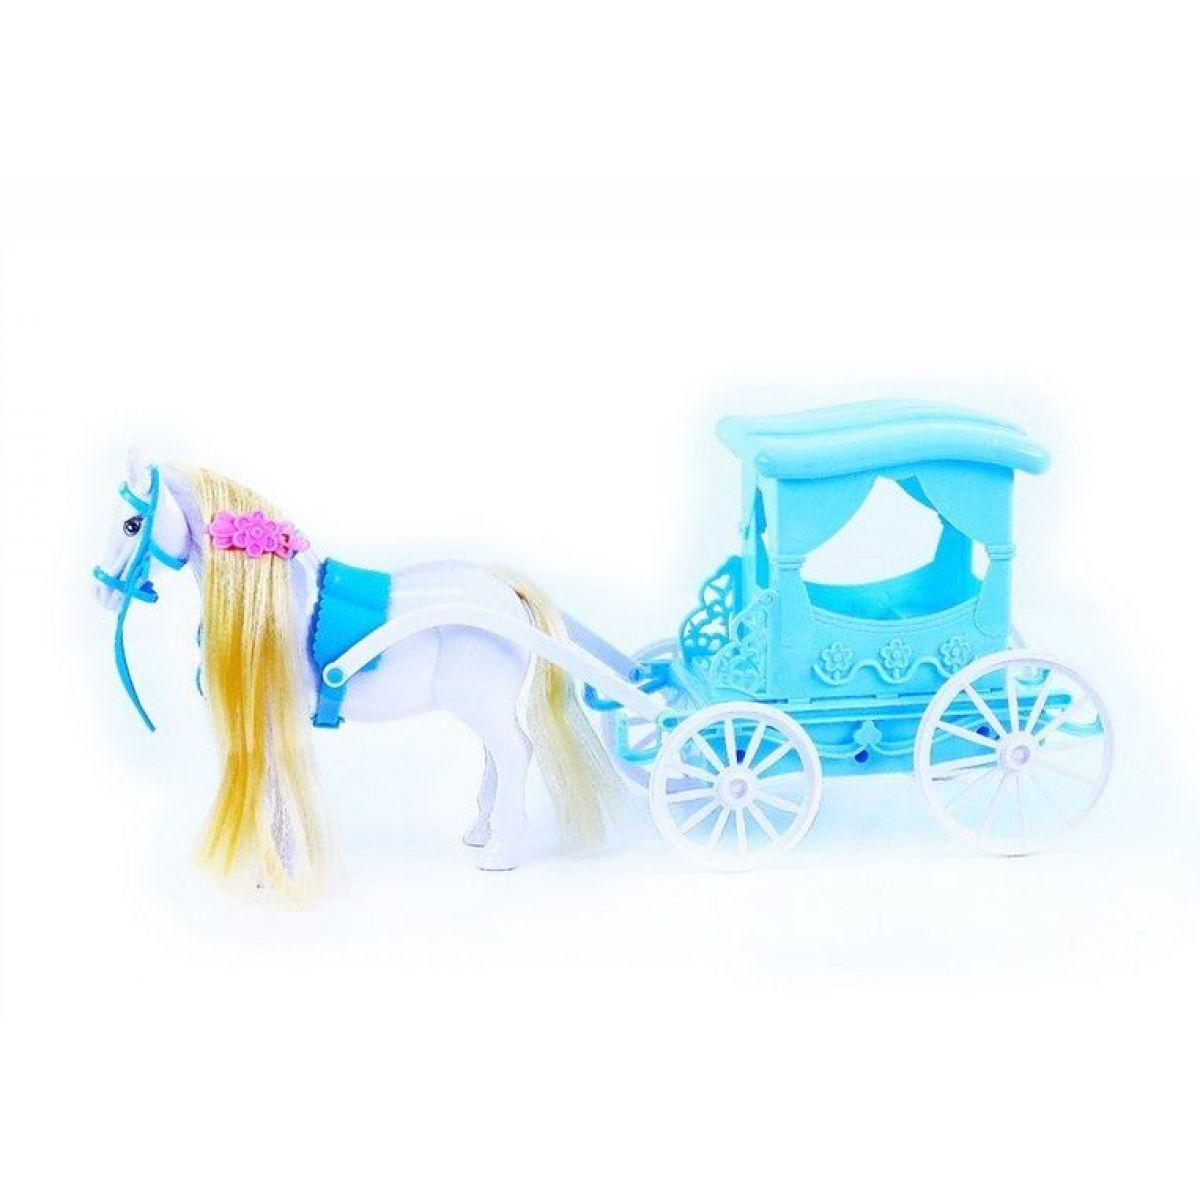 Rappa kočár s koněm zimní království